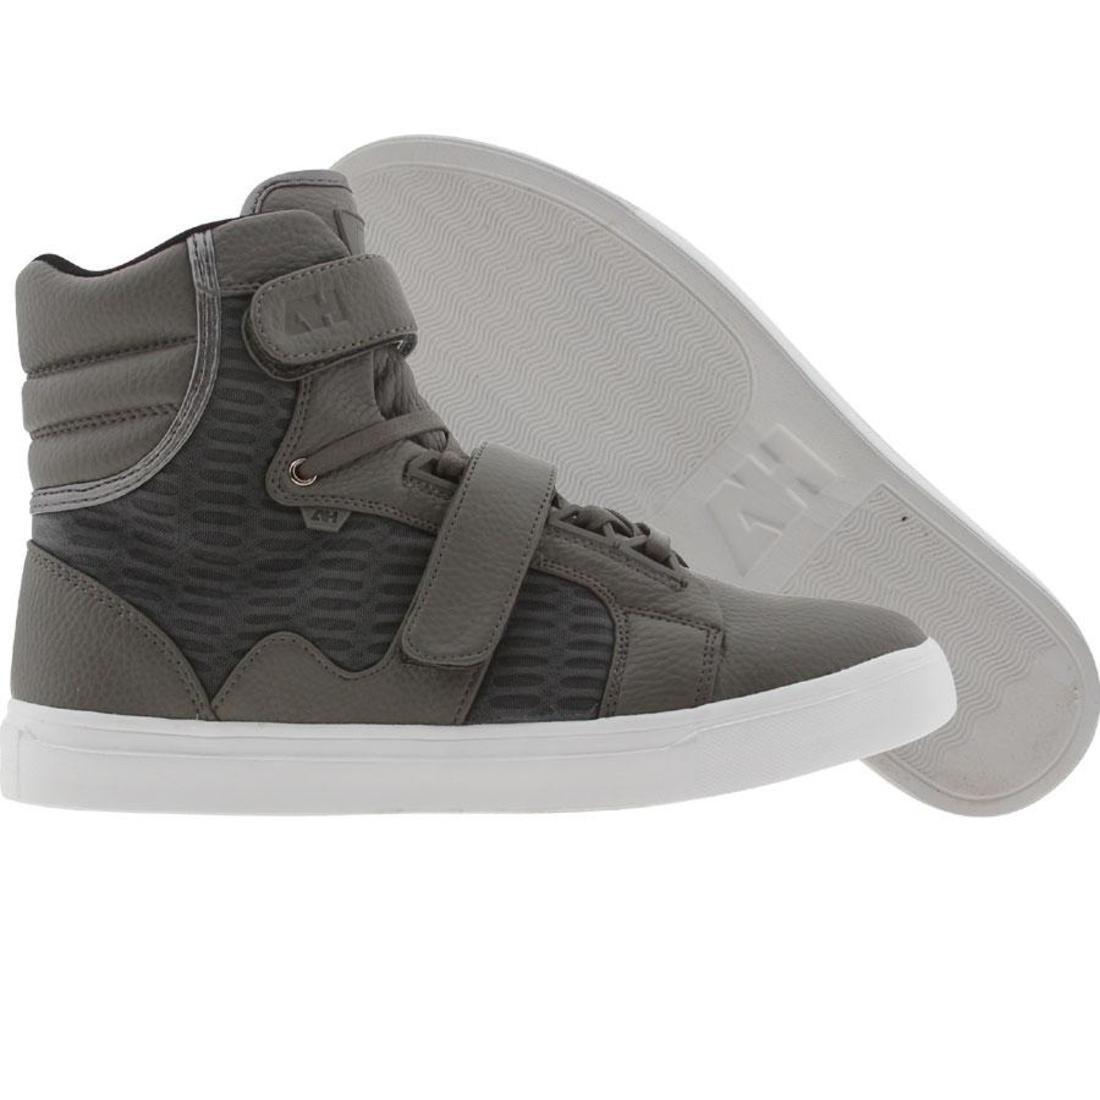 【海外限定】ハイ メンズ靴 スニーカー 【 AH BY ANDROID HOMME PROPULSION HIGH GREY 】